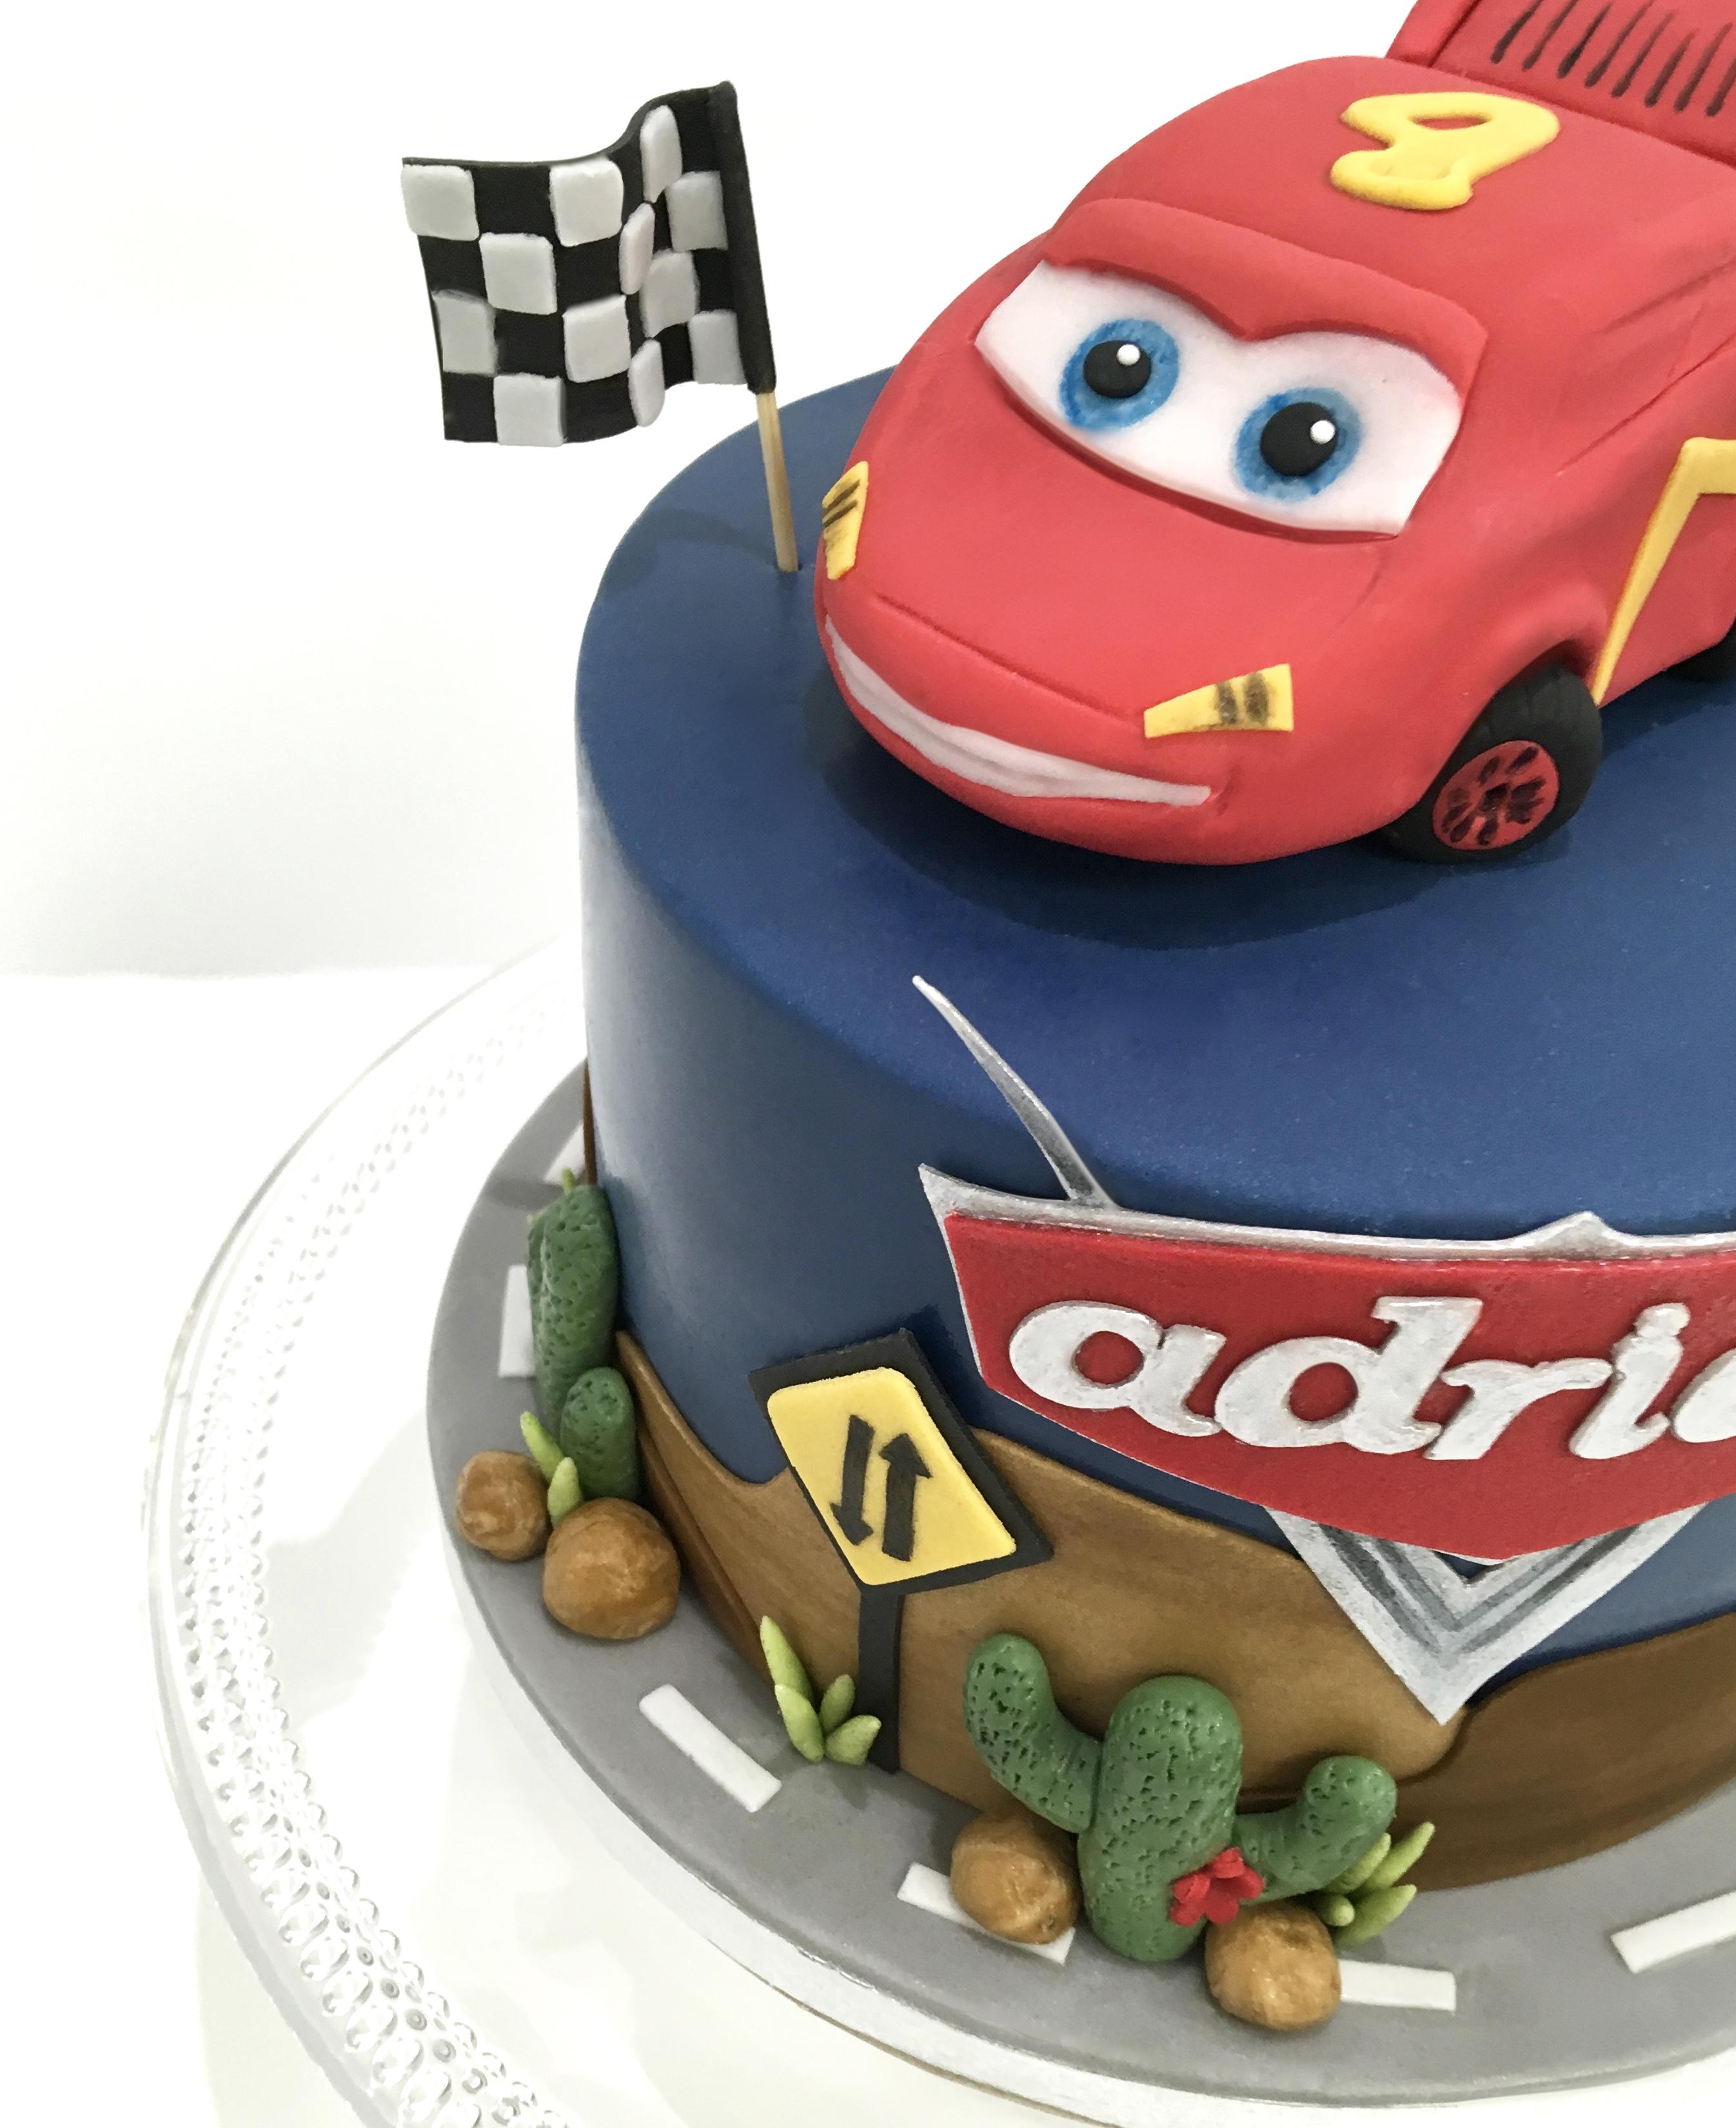 Décor modelage en sucre gâteaux personnalisés - Anniversaire Thème Cars